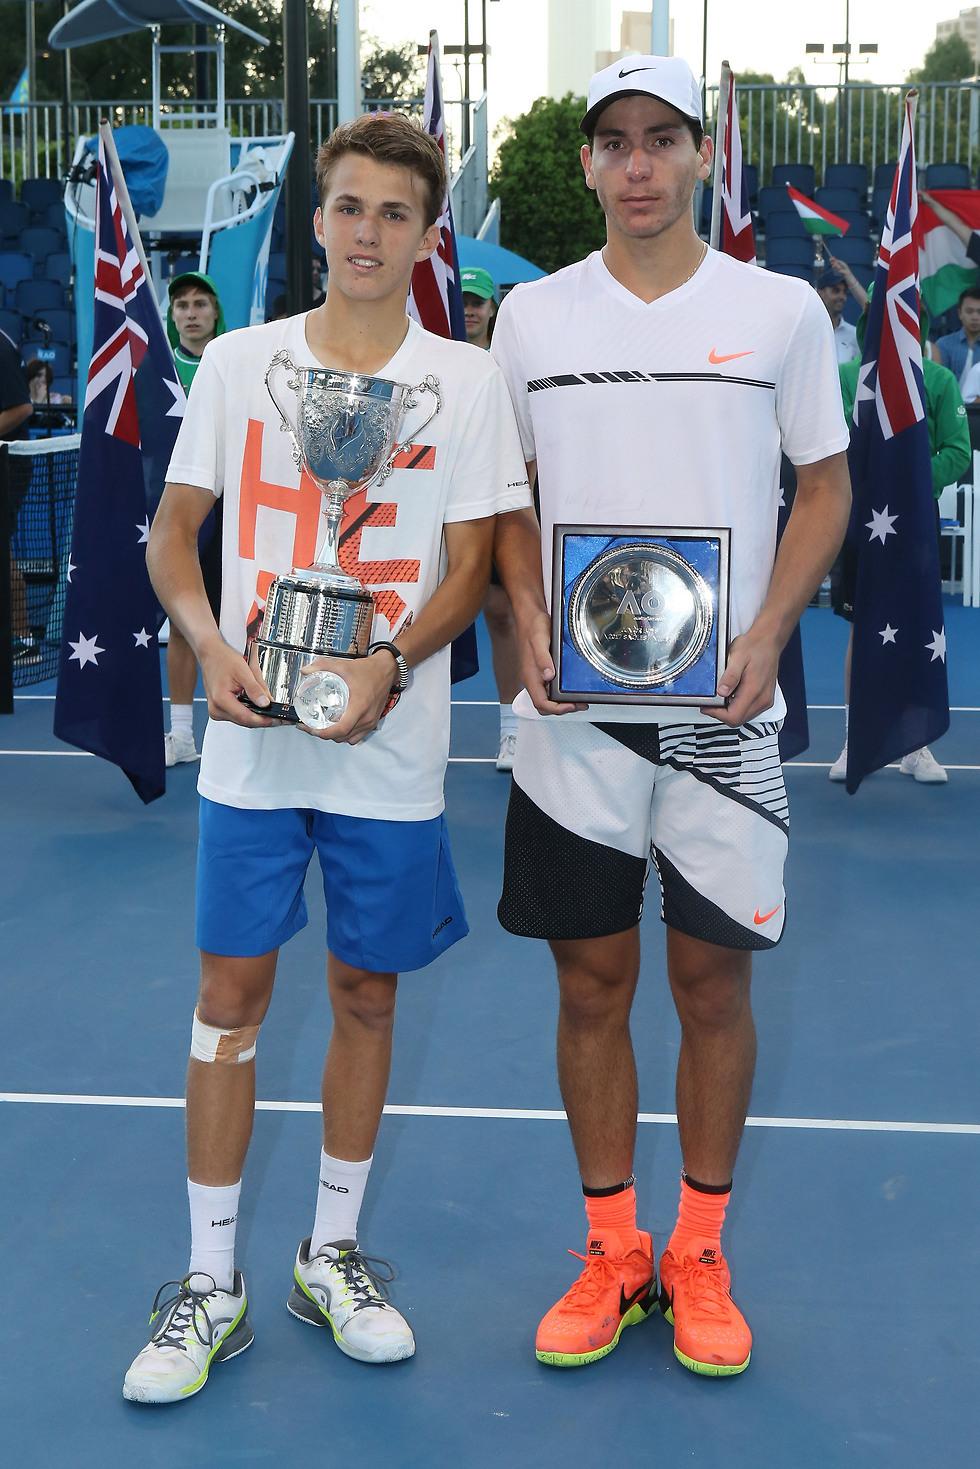 עוליאל בגמר אליפות אוסטרליה (צילום: Getty Images) (צילום: Getty Images)